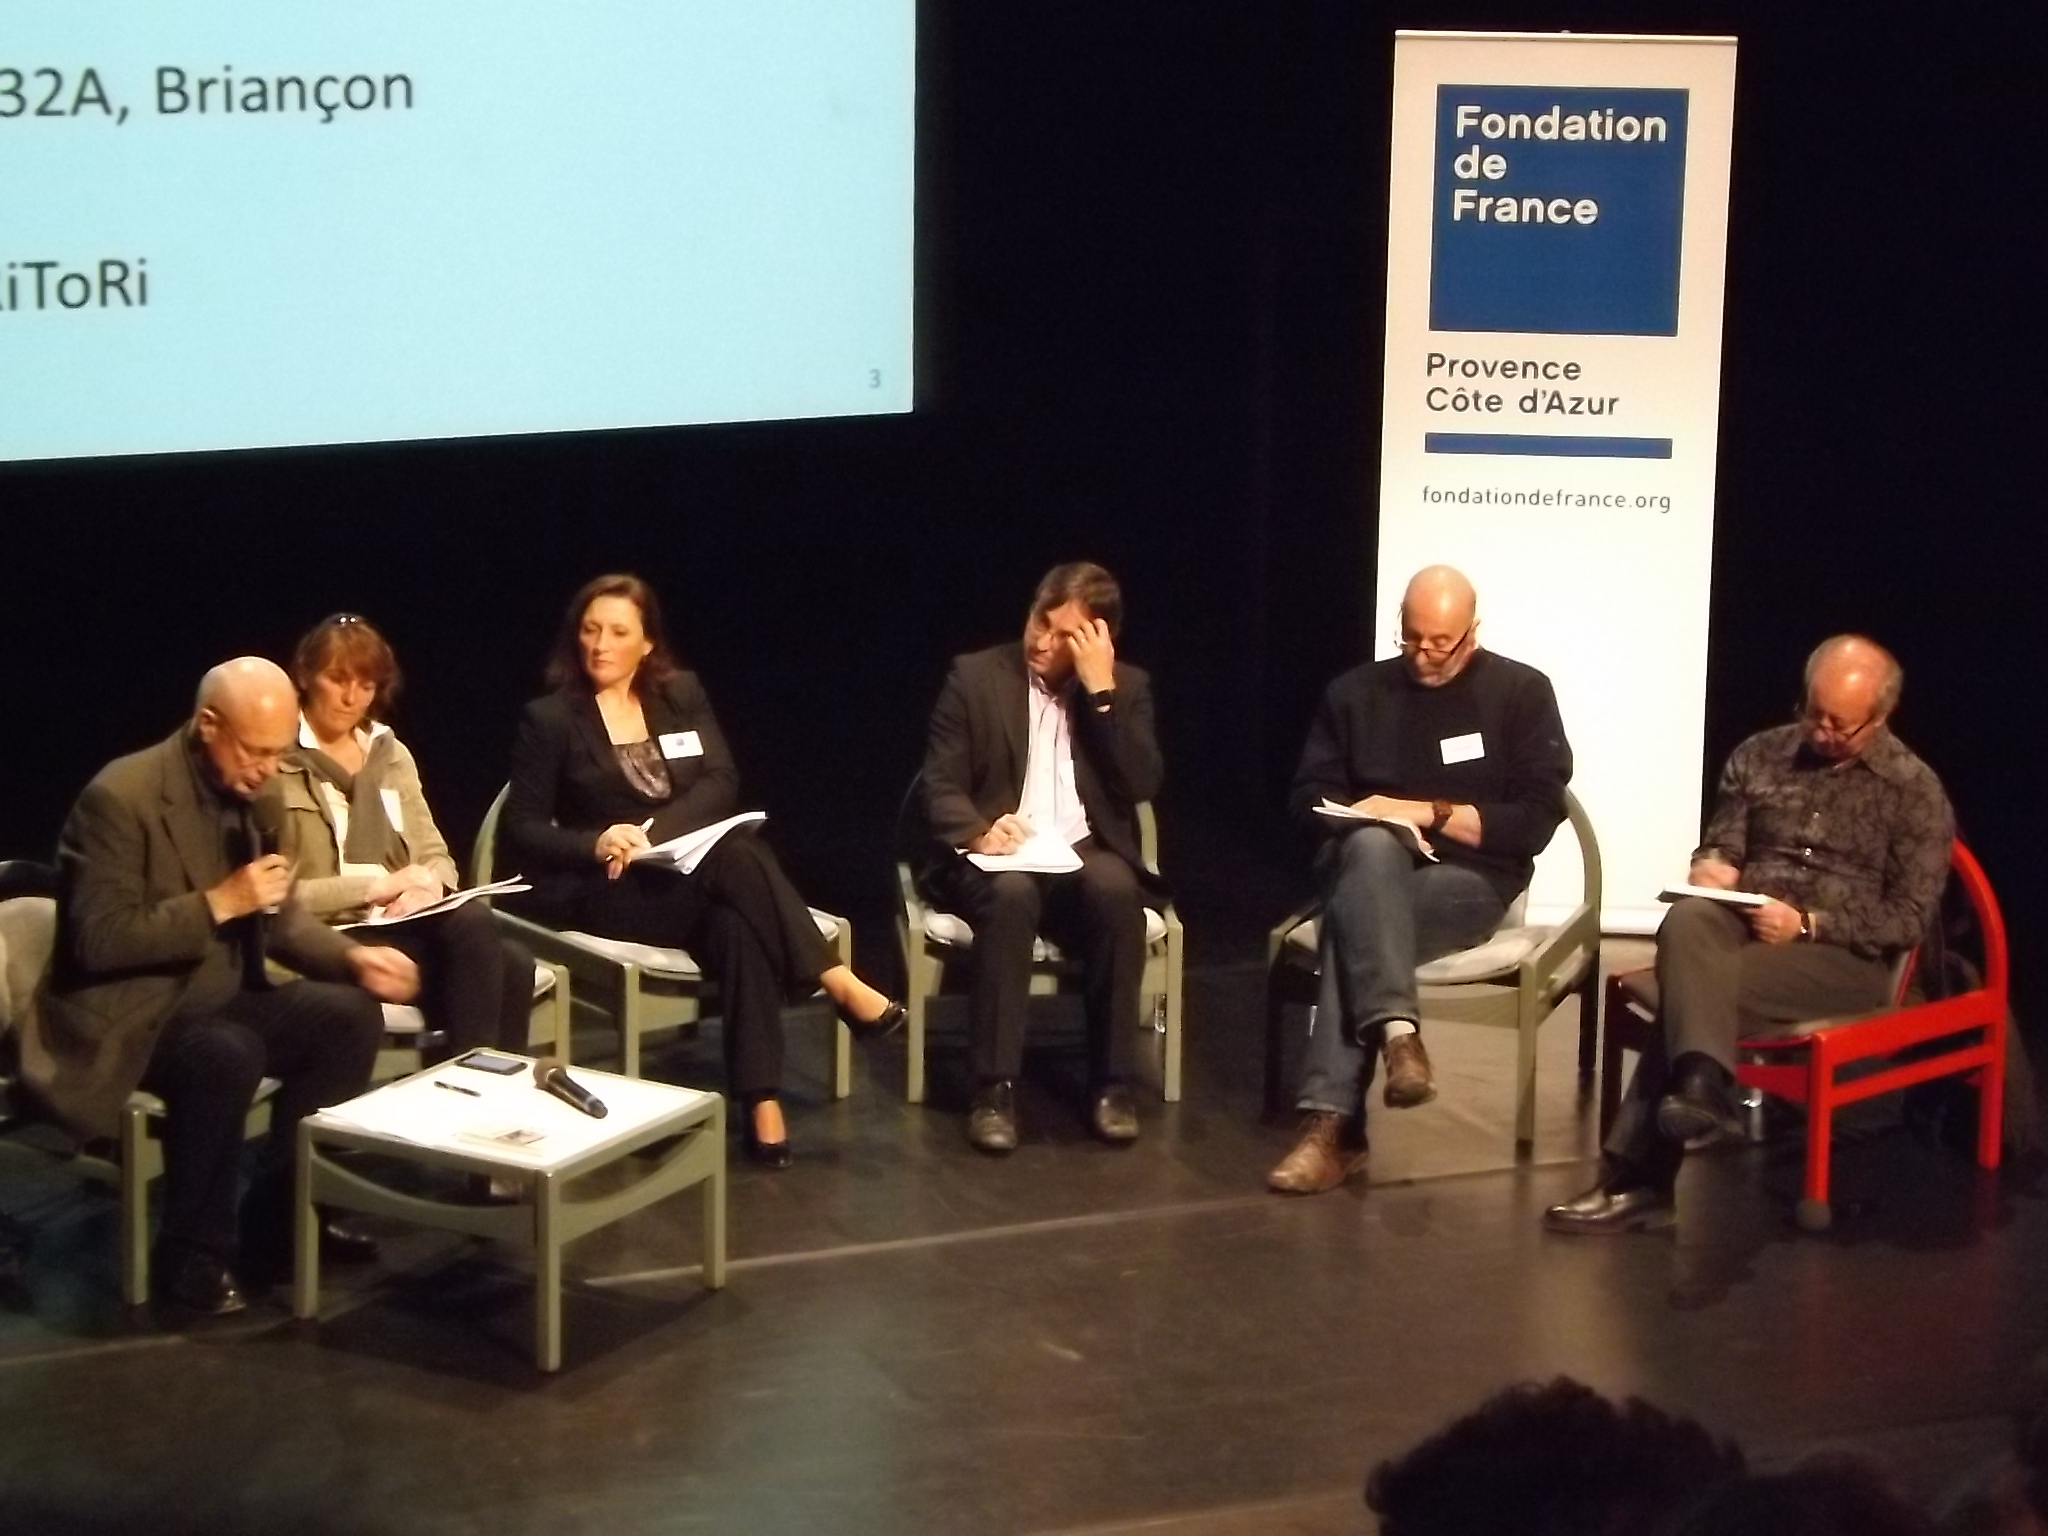 Philanthropie sur le territoire : Fondation de France et Briançonnais se rencontrent